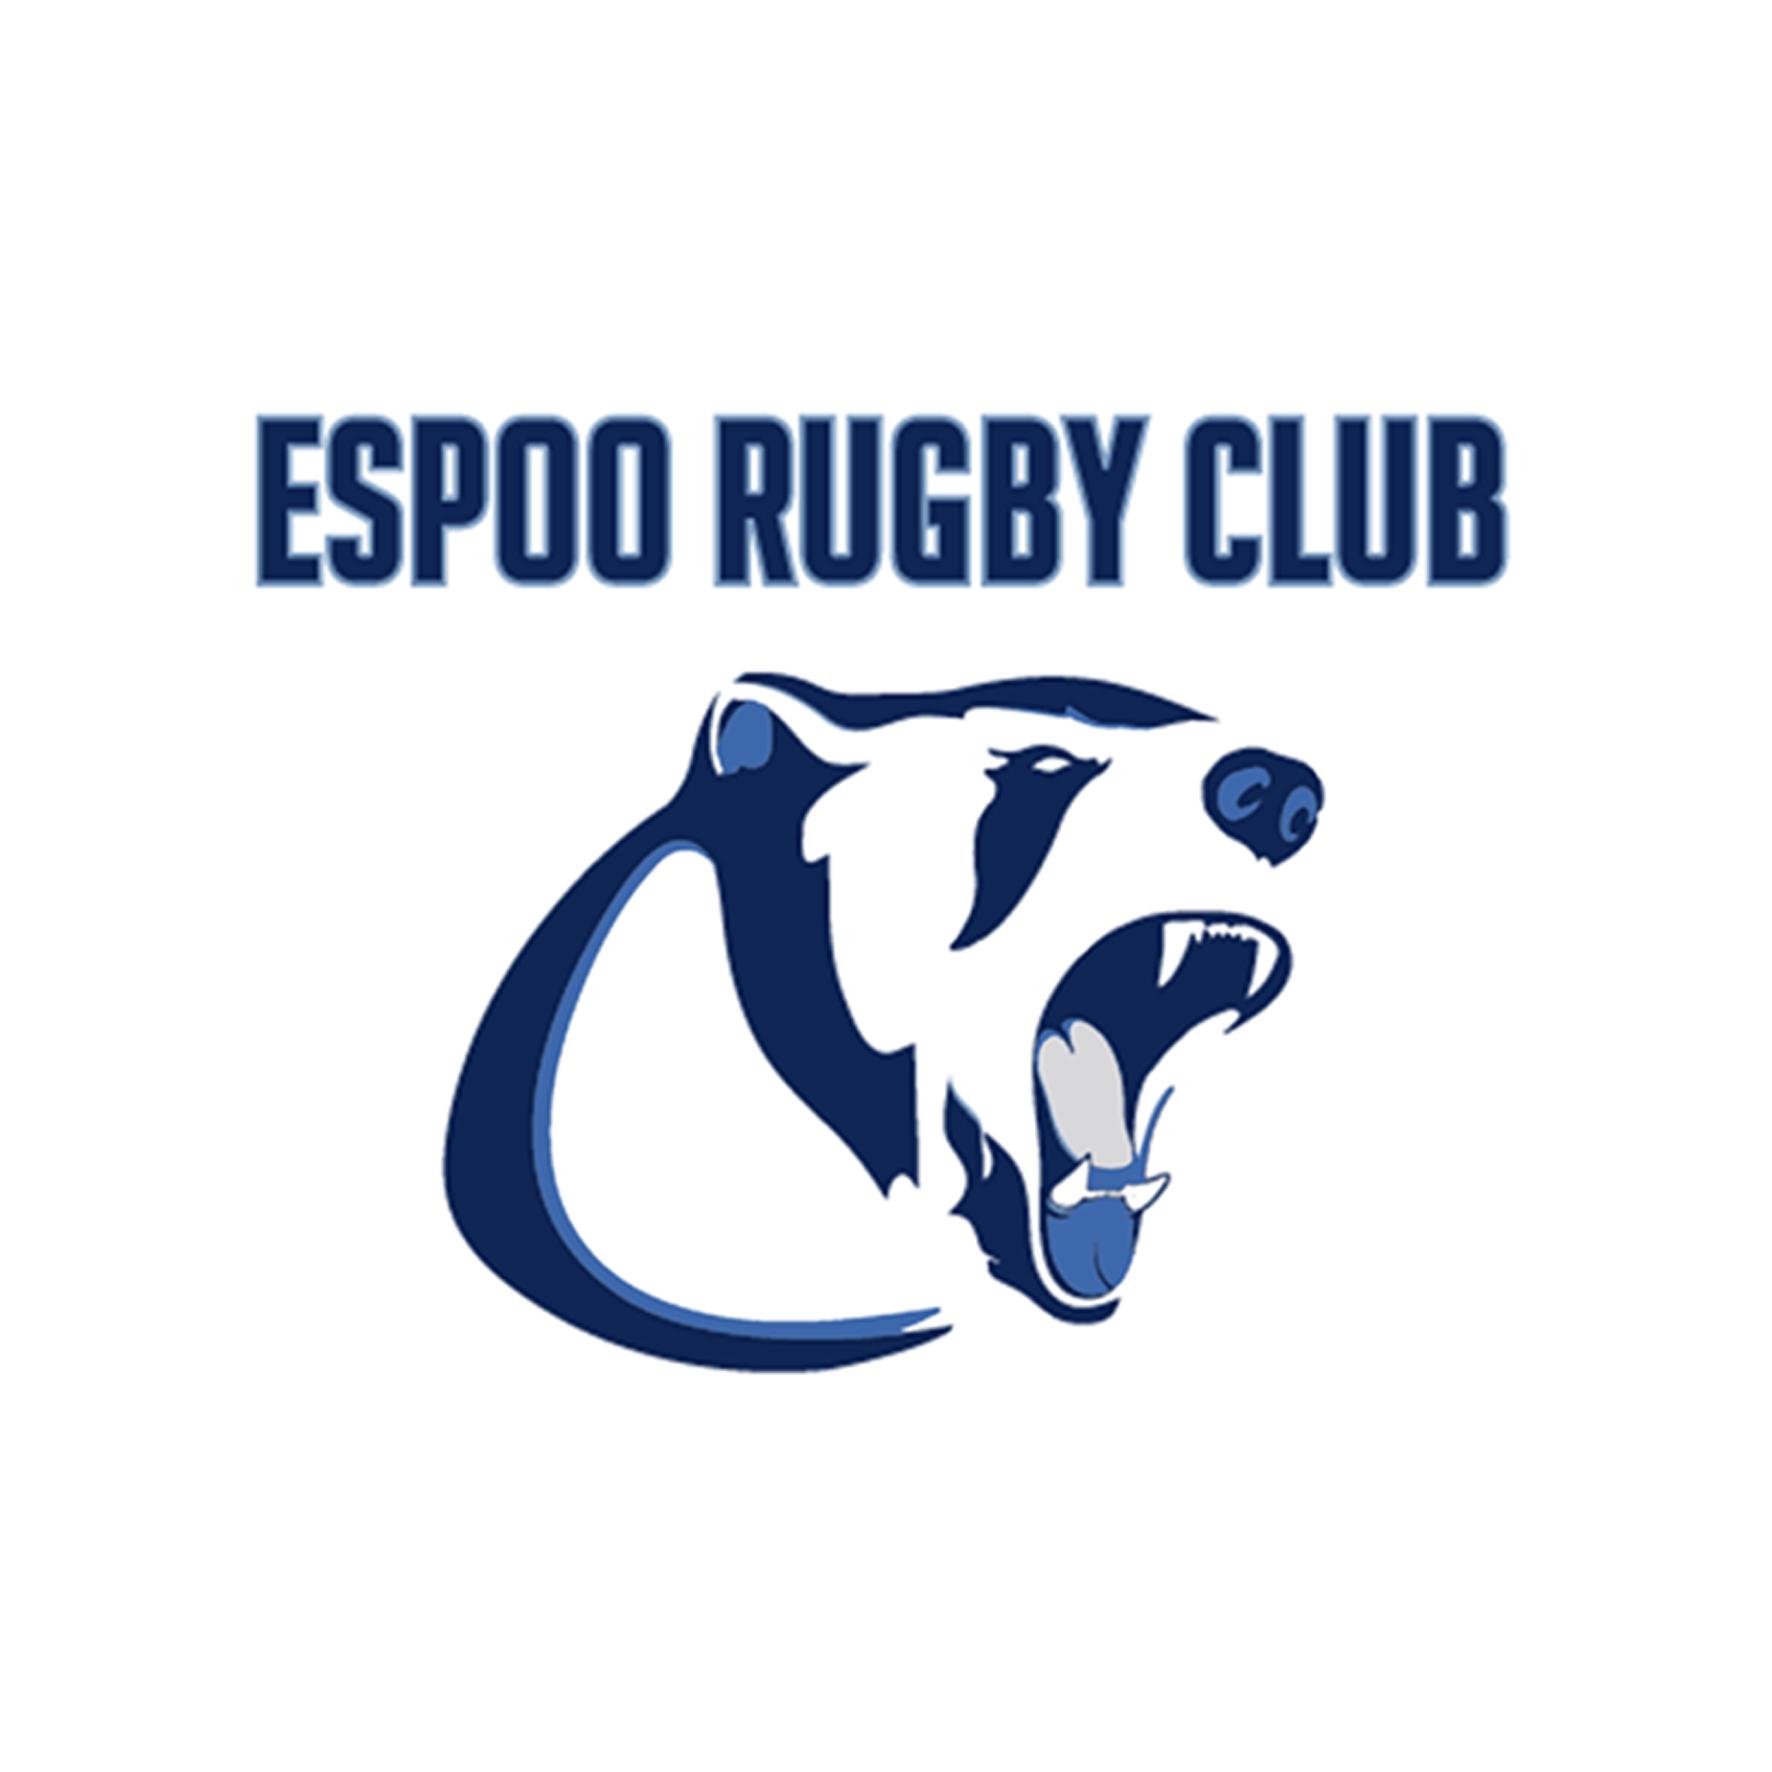 Espoo Rugby Club